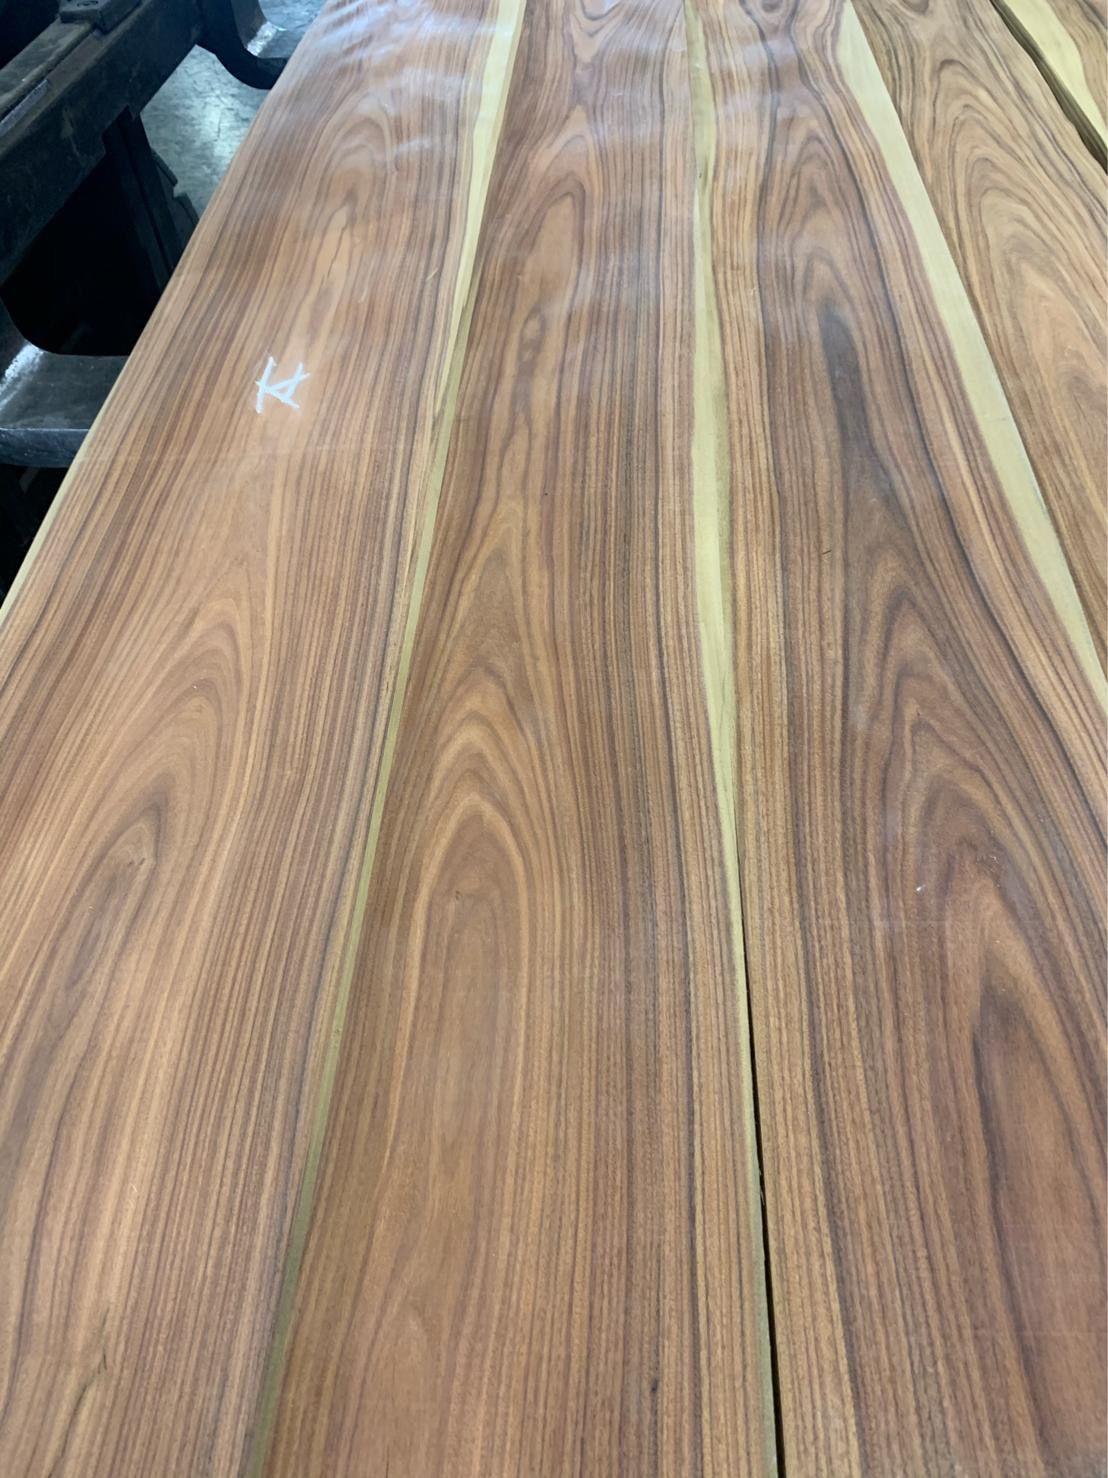 Pin on Wood Veneer